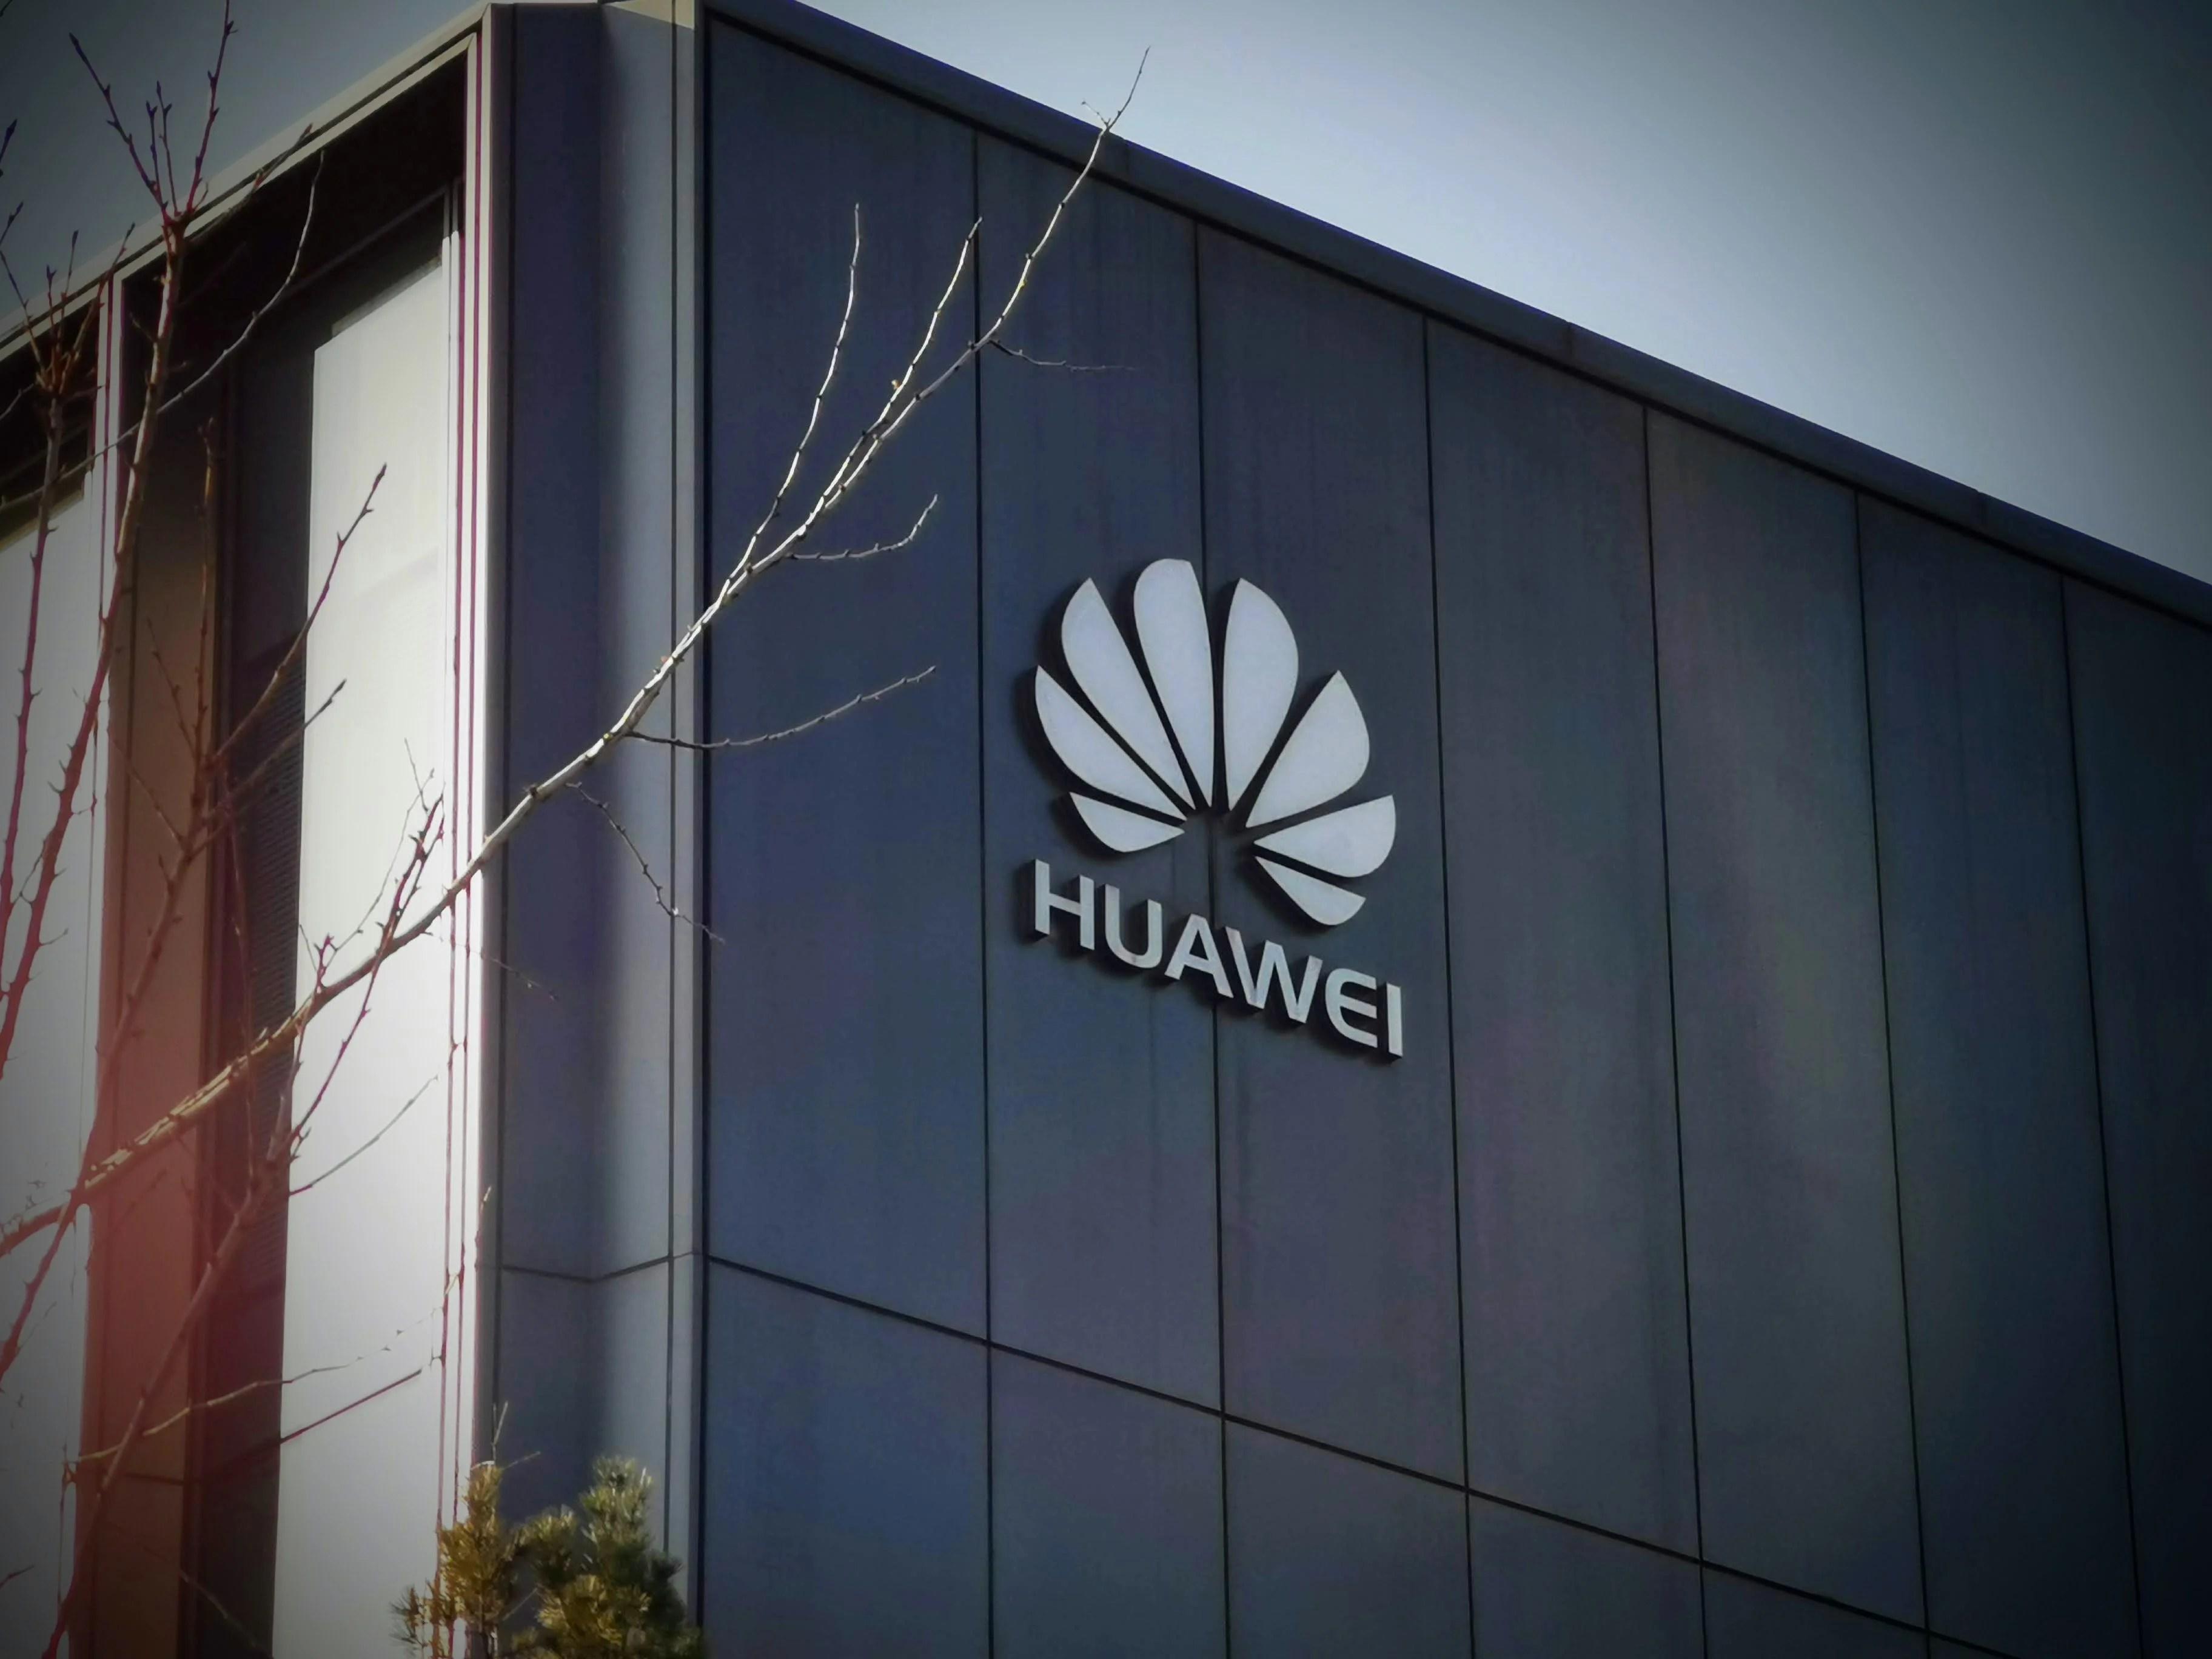 Sécurité nationale : Huawei veut se laisser examiner pour prouver sa bonne foi